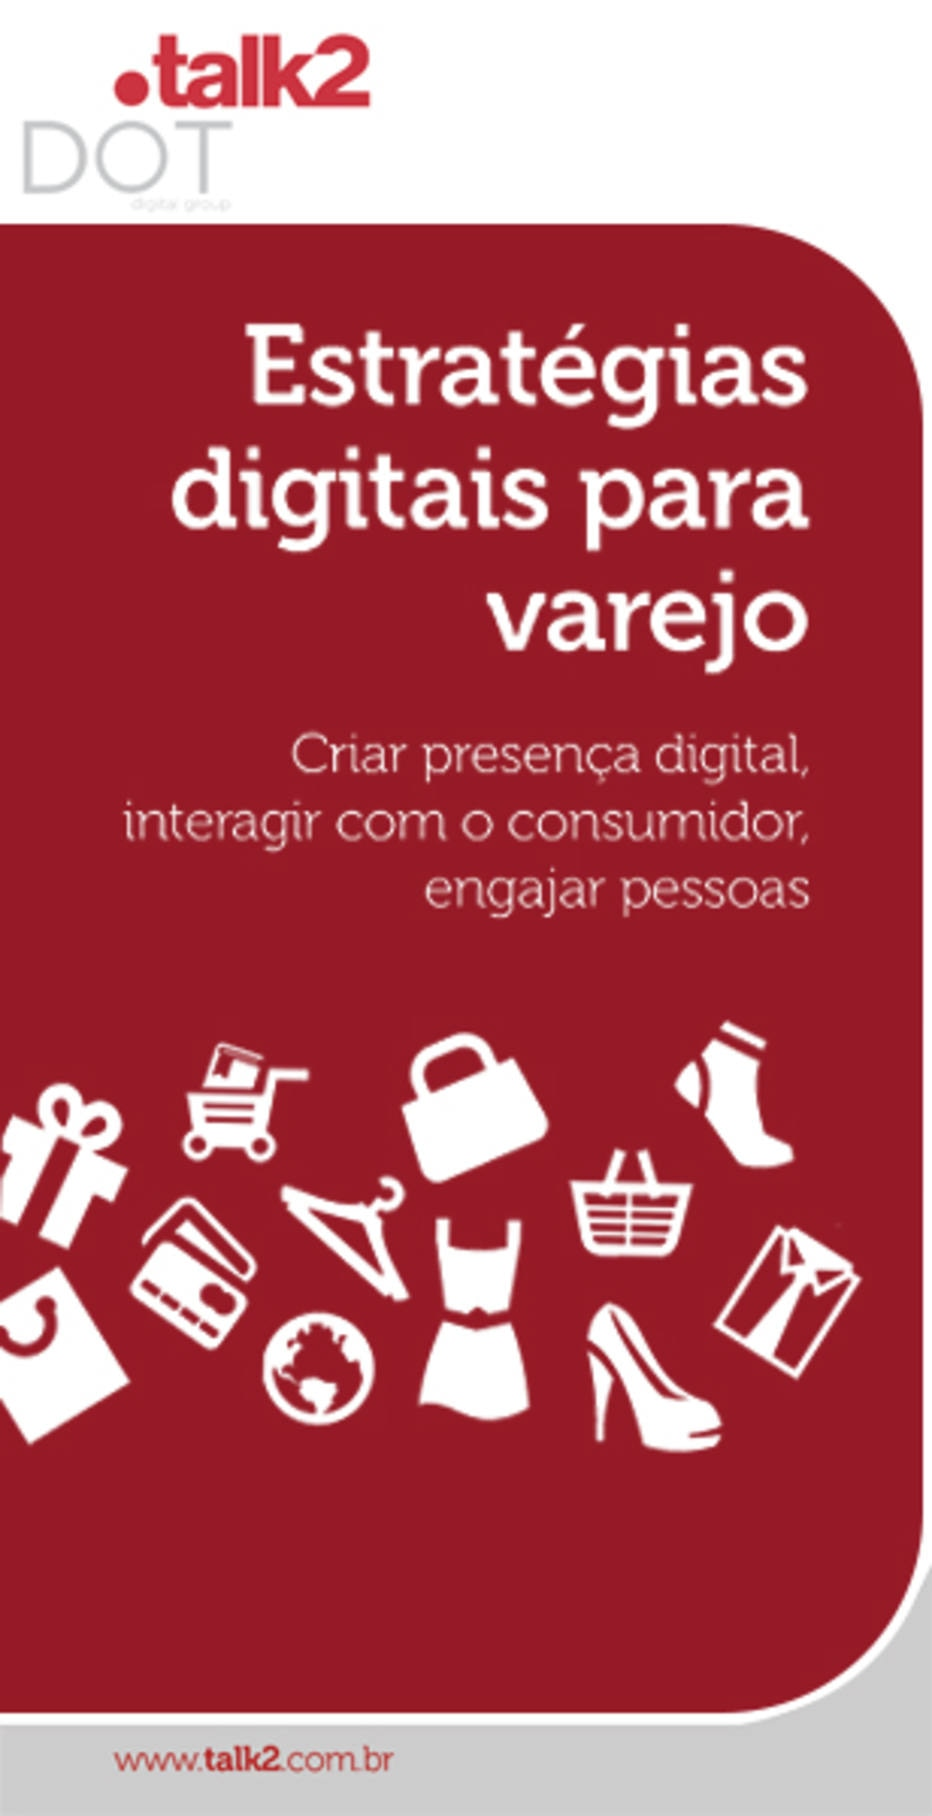 Estratégias digitais para o varejo -Dicas de como criar posicionamento digital, interagir com o consumidor e engajar pessoas. Acesse<a href='http://materiais.talk2.com.br/ebook_varejo' target='_blank'>aqui.</a>